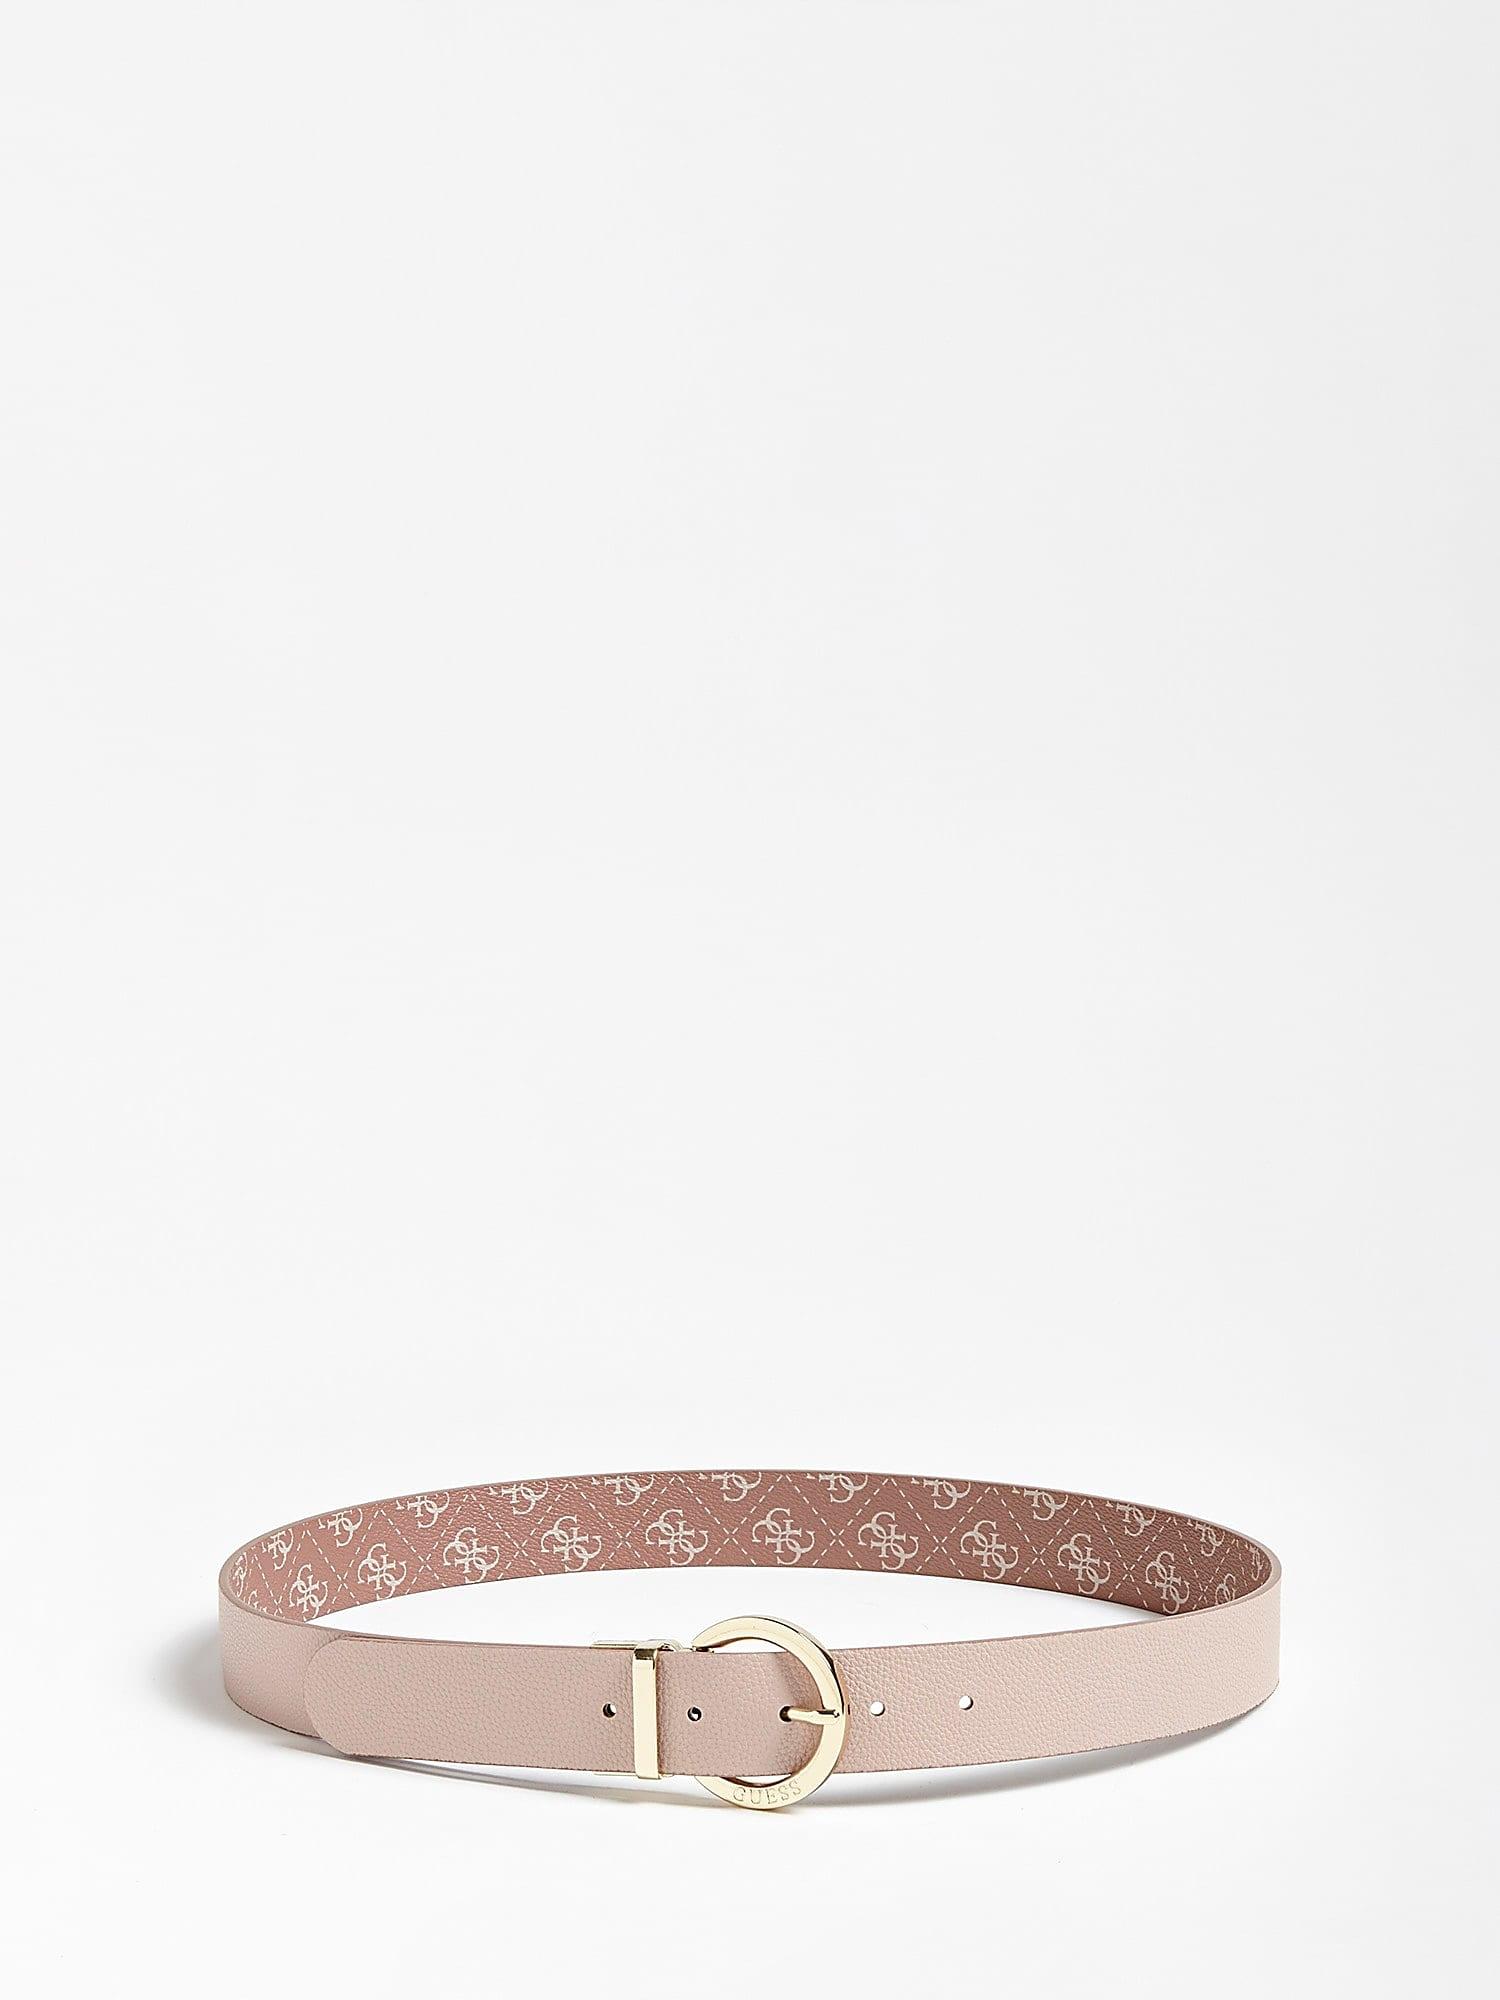 GUESS BW7277VIN35 BRO REVERSIBILE cinta pelle cintura donna